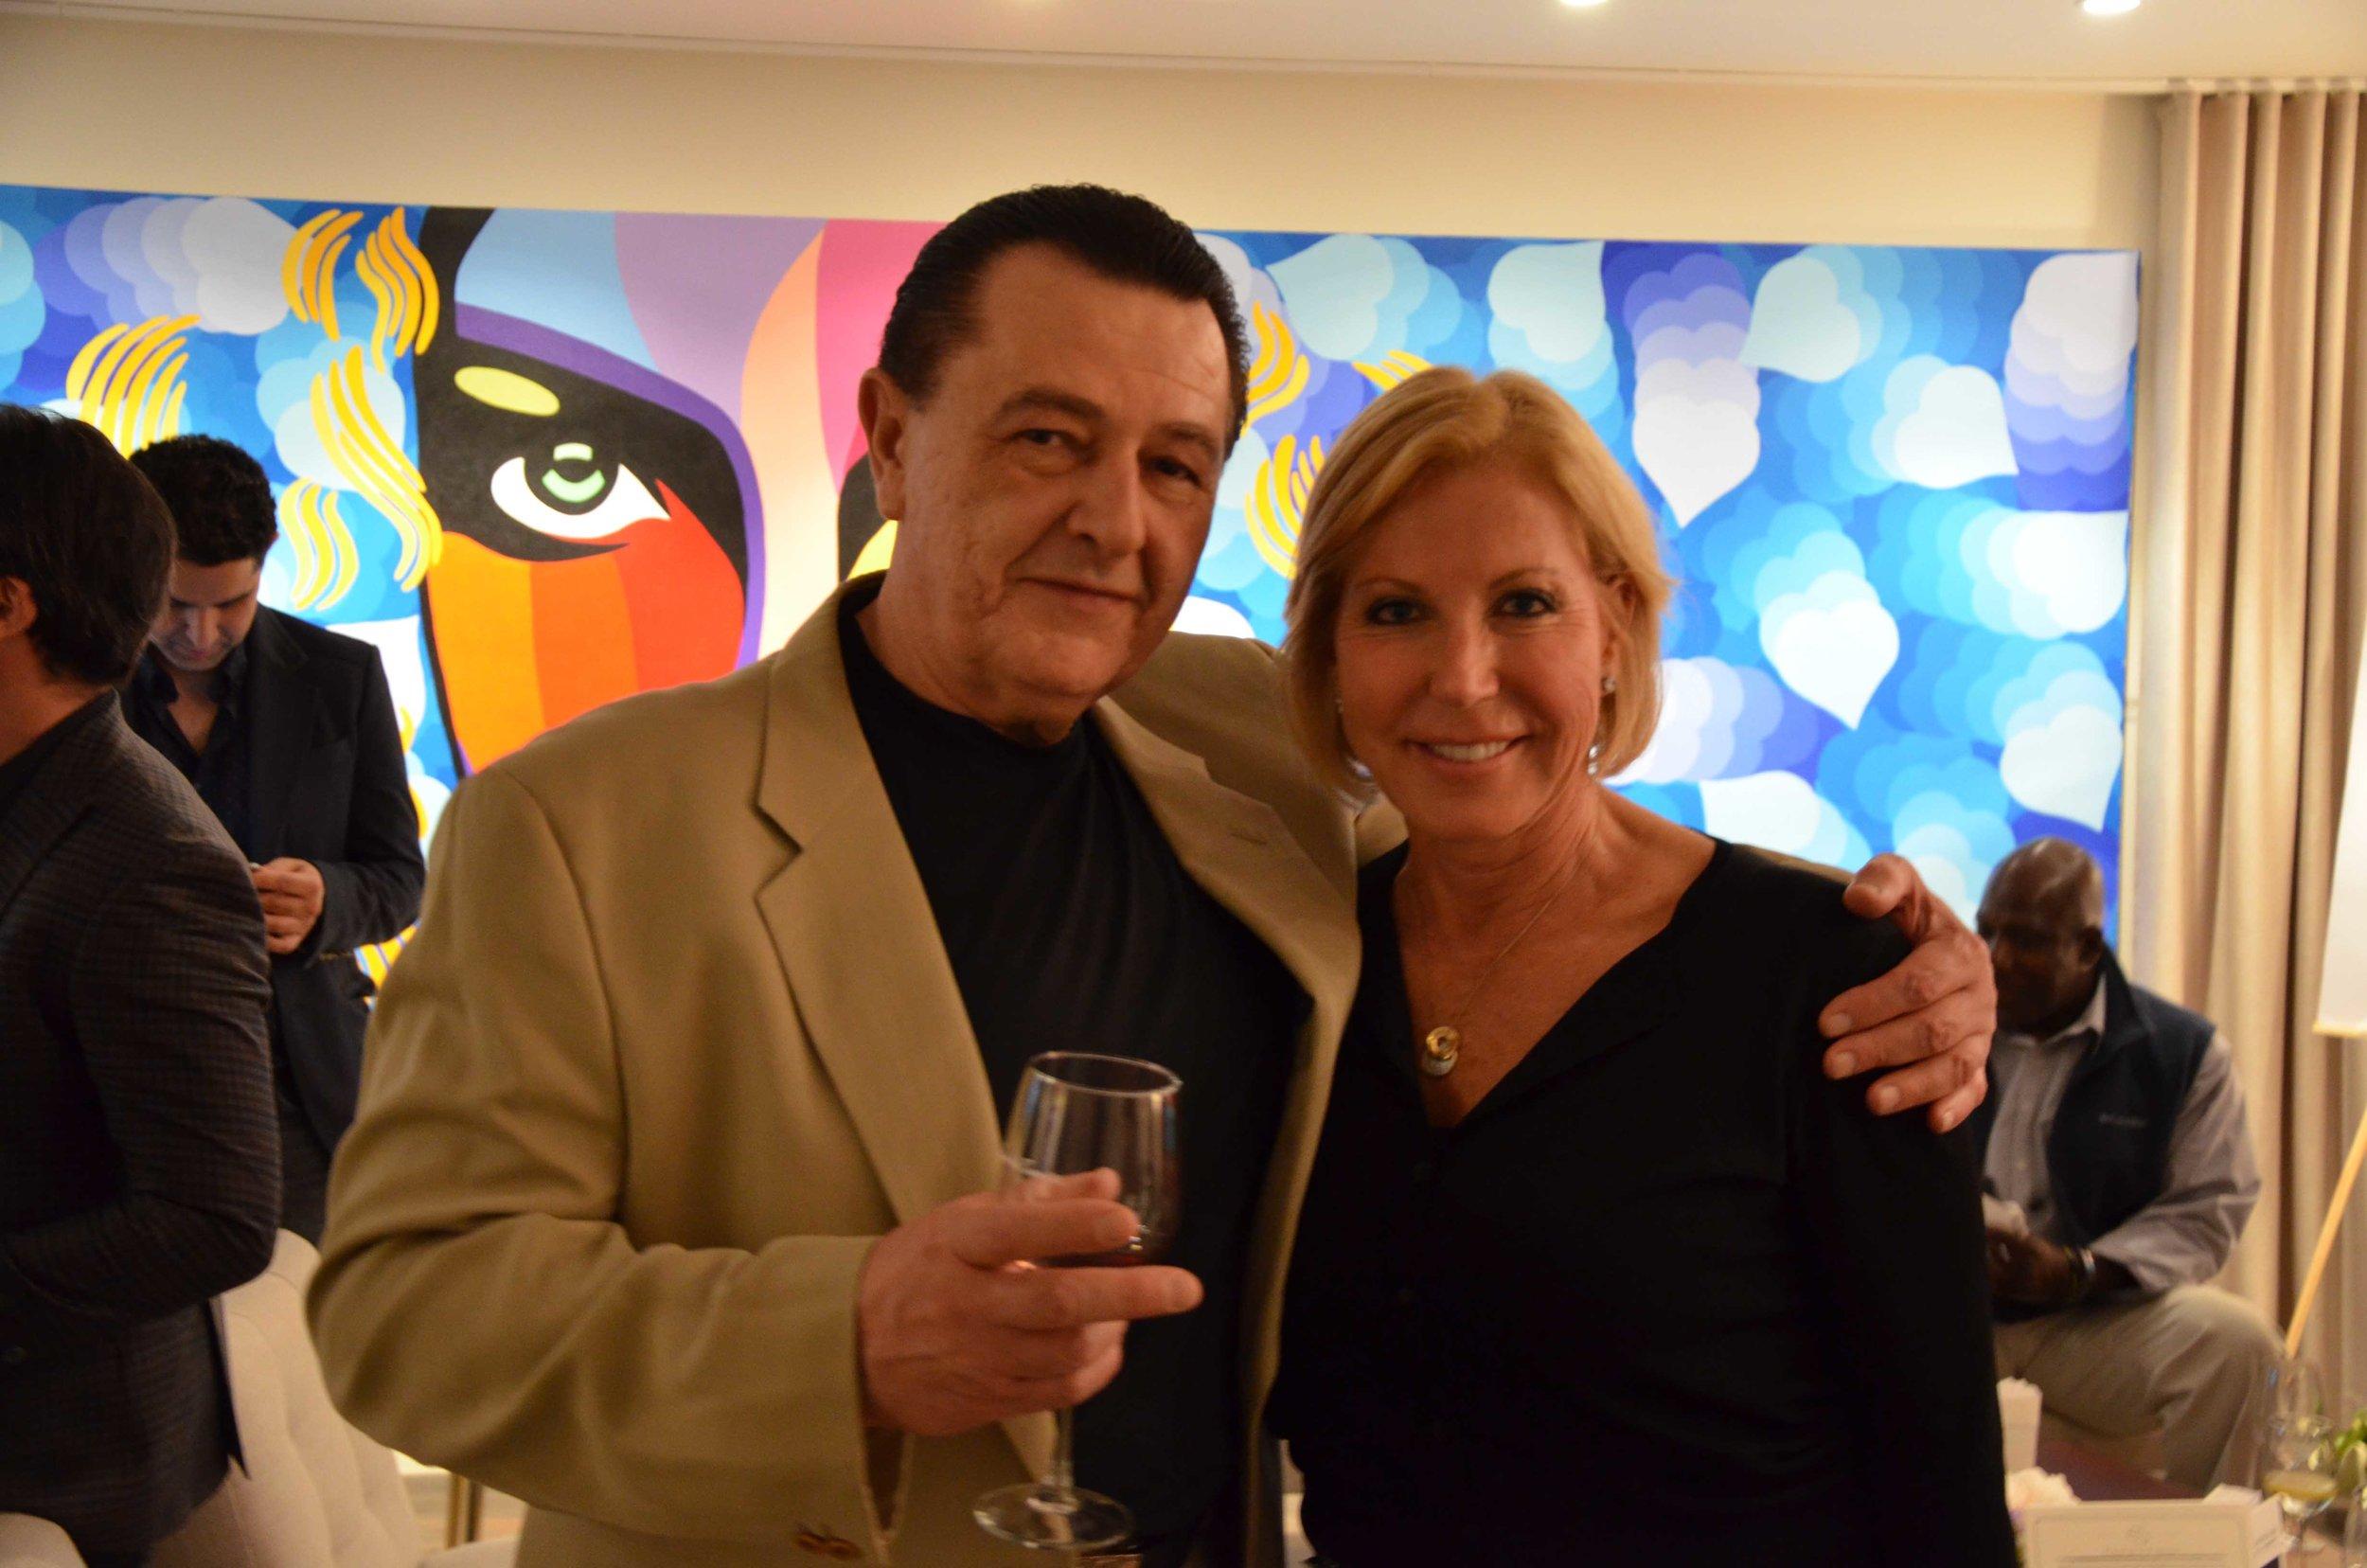 Dr. Erika Schwartz and Vladimir Nazarov